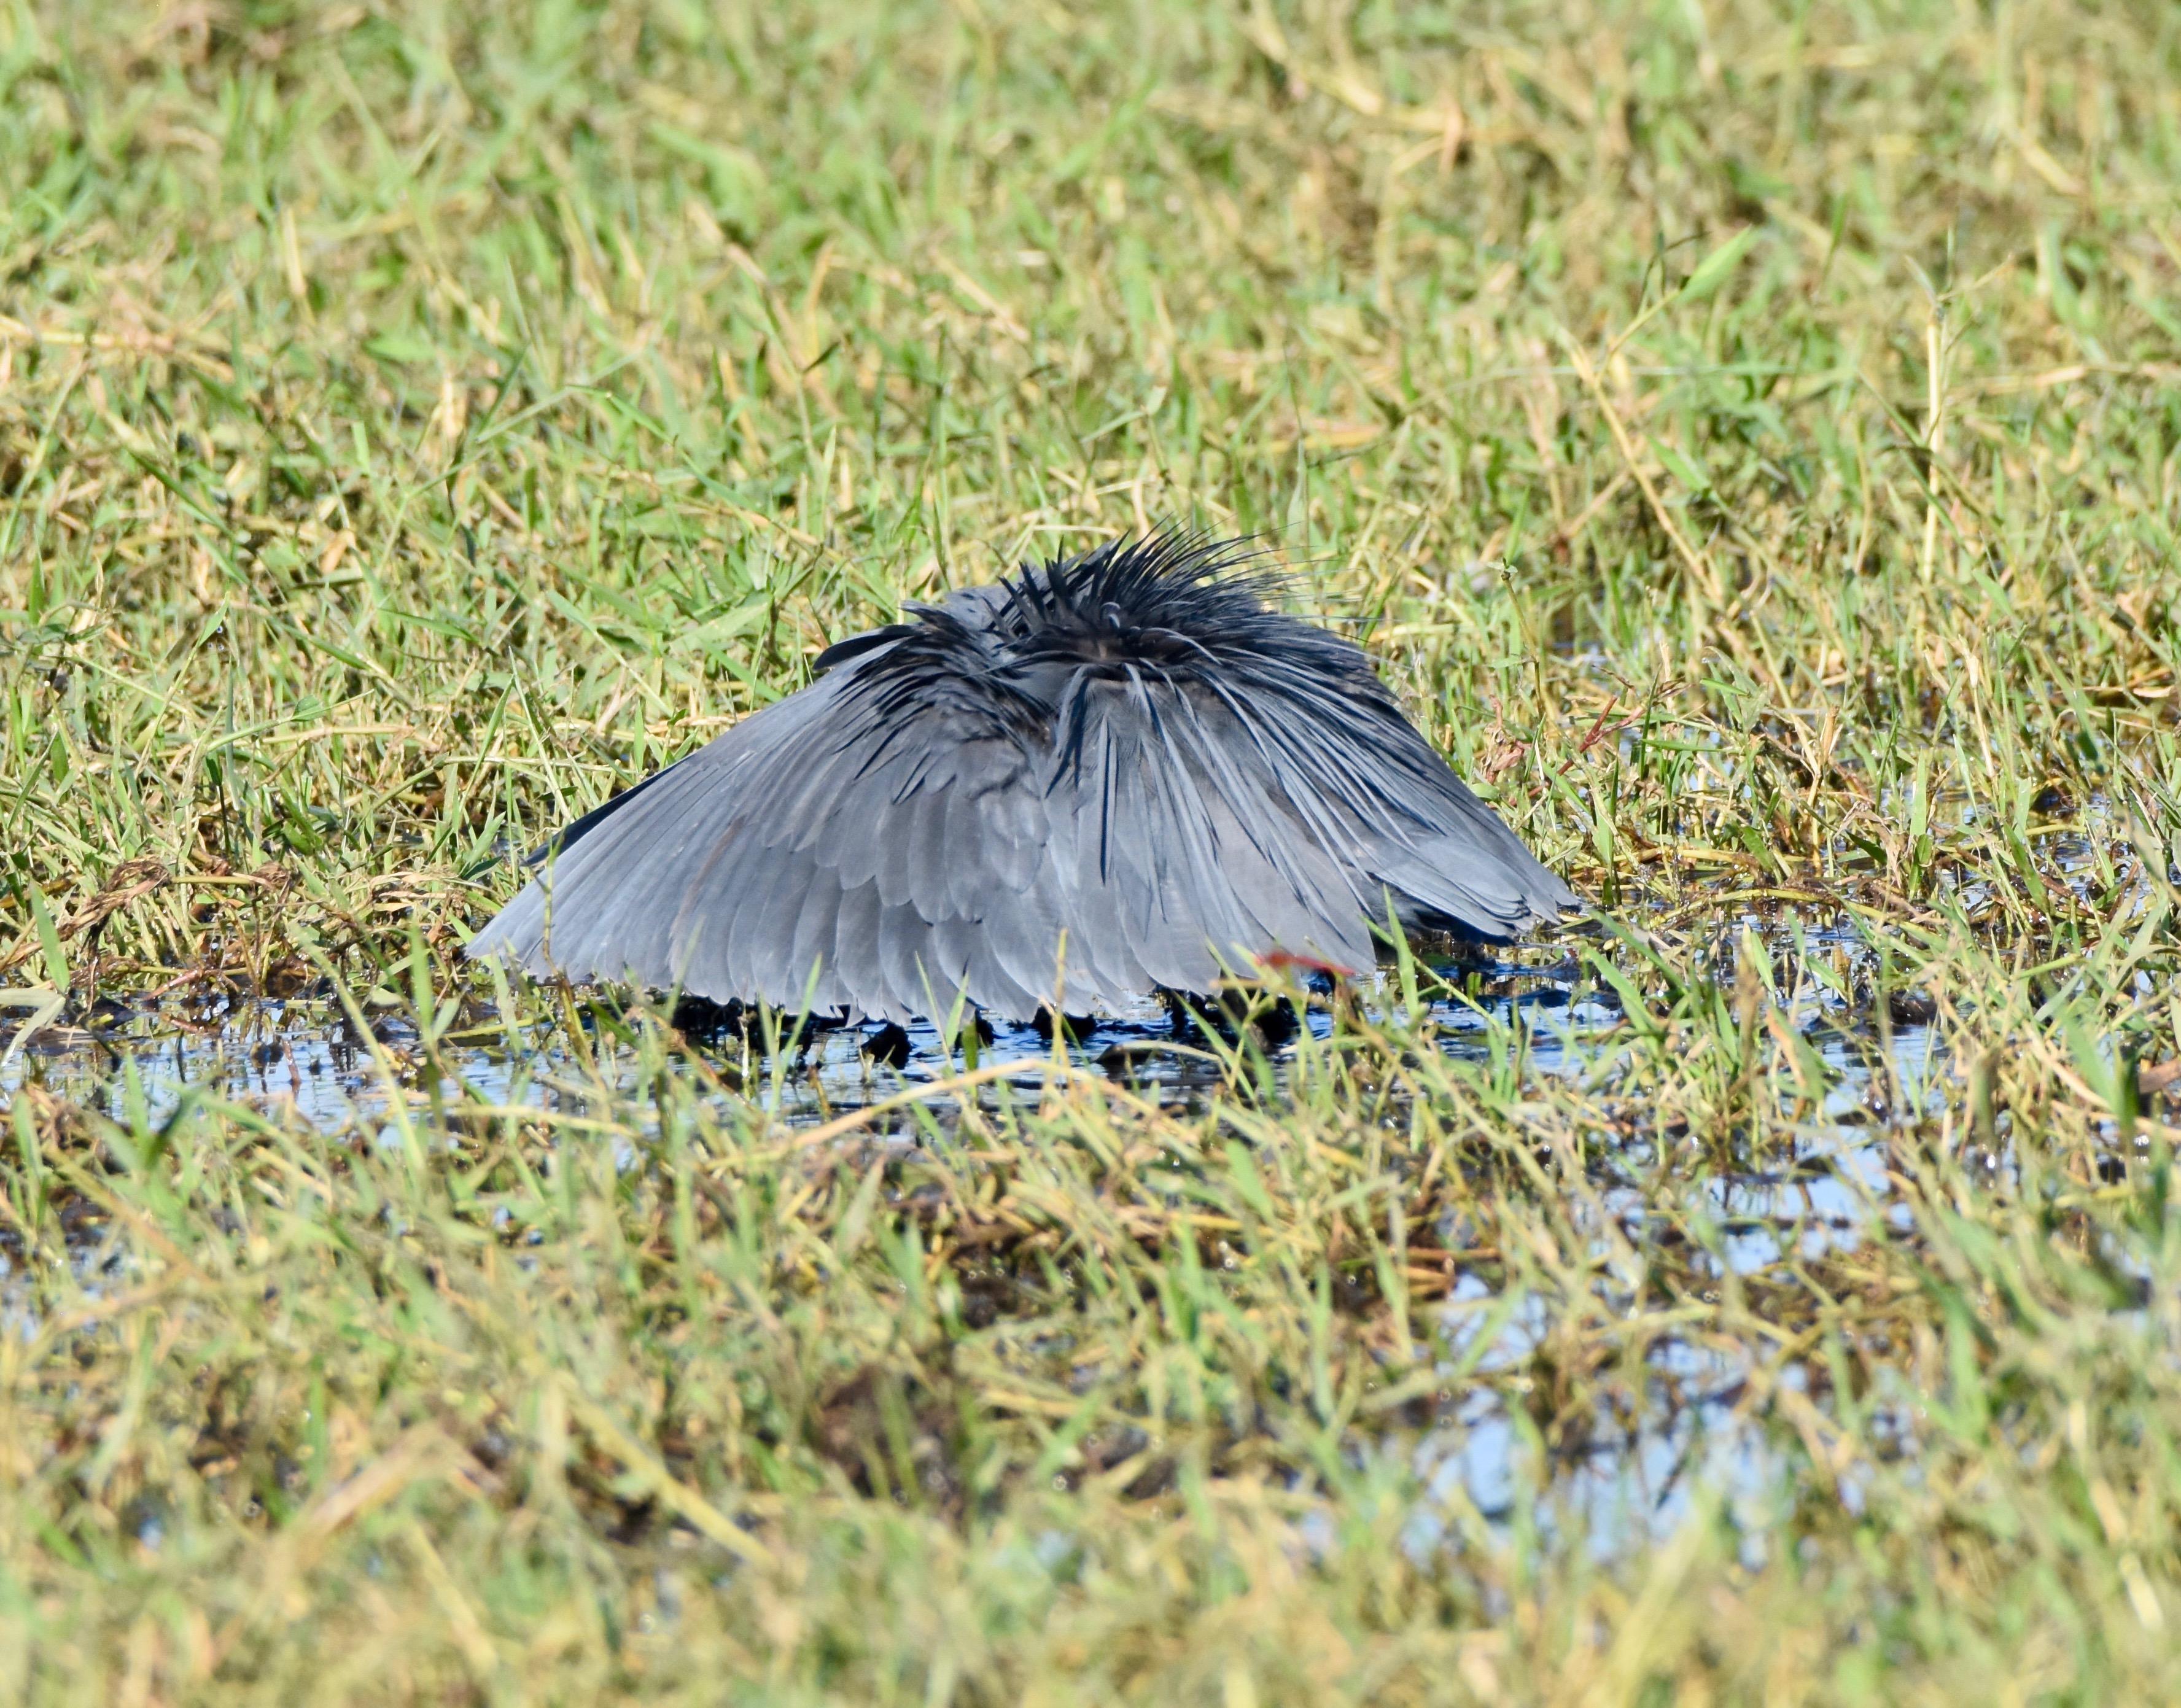 Black Heron as Umbrella Bird, Chobe River